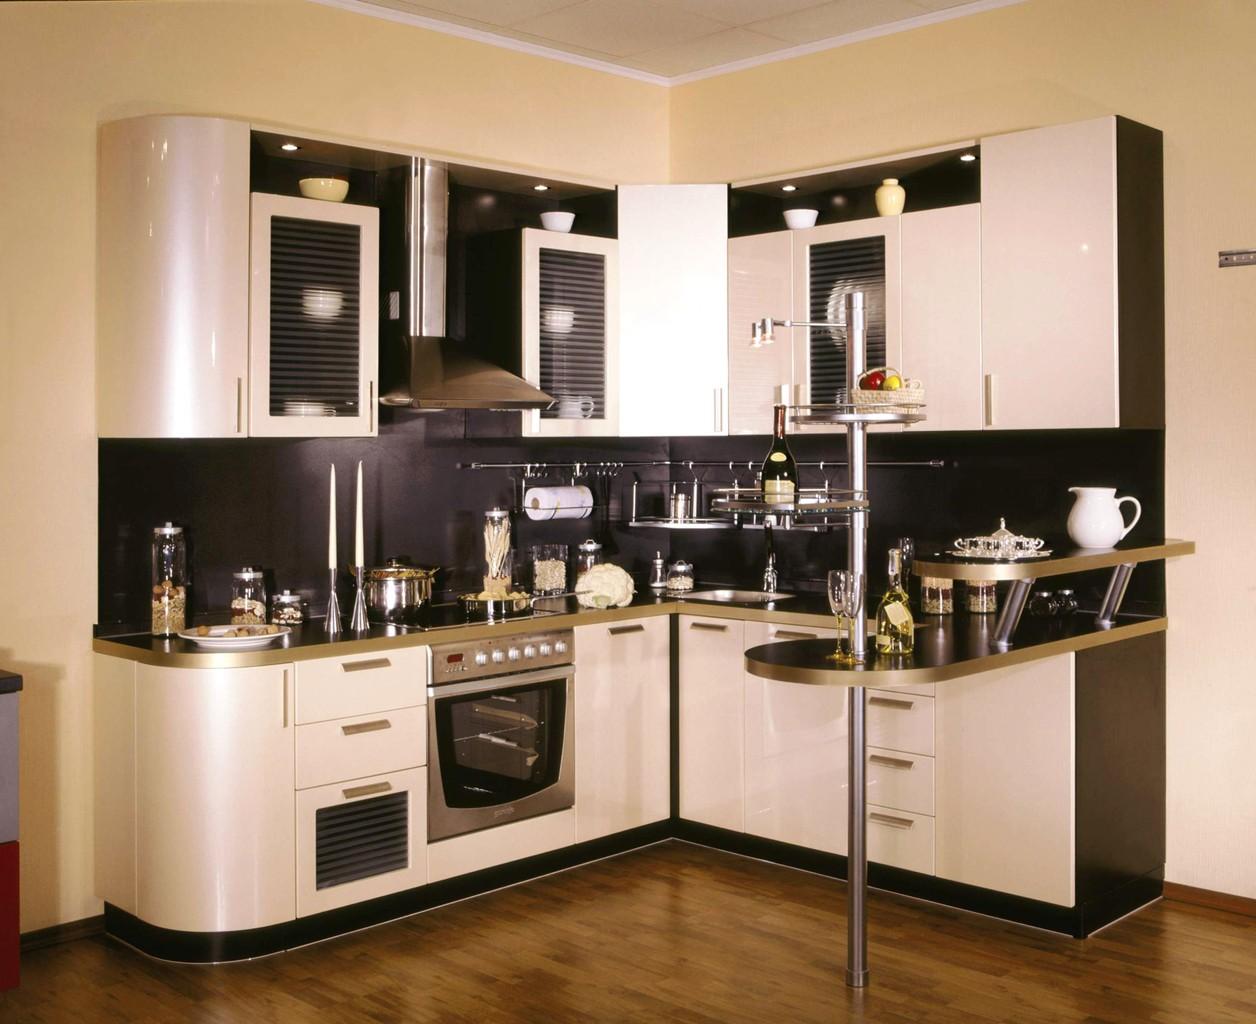 Угловая кухня с барной стойкой 49 фото дизайн маленького кухонного гарнитура выбираем небольшие г-образные кухни для квартиры-студии